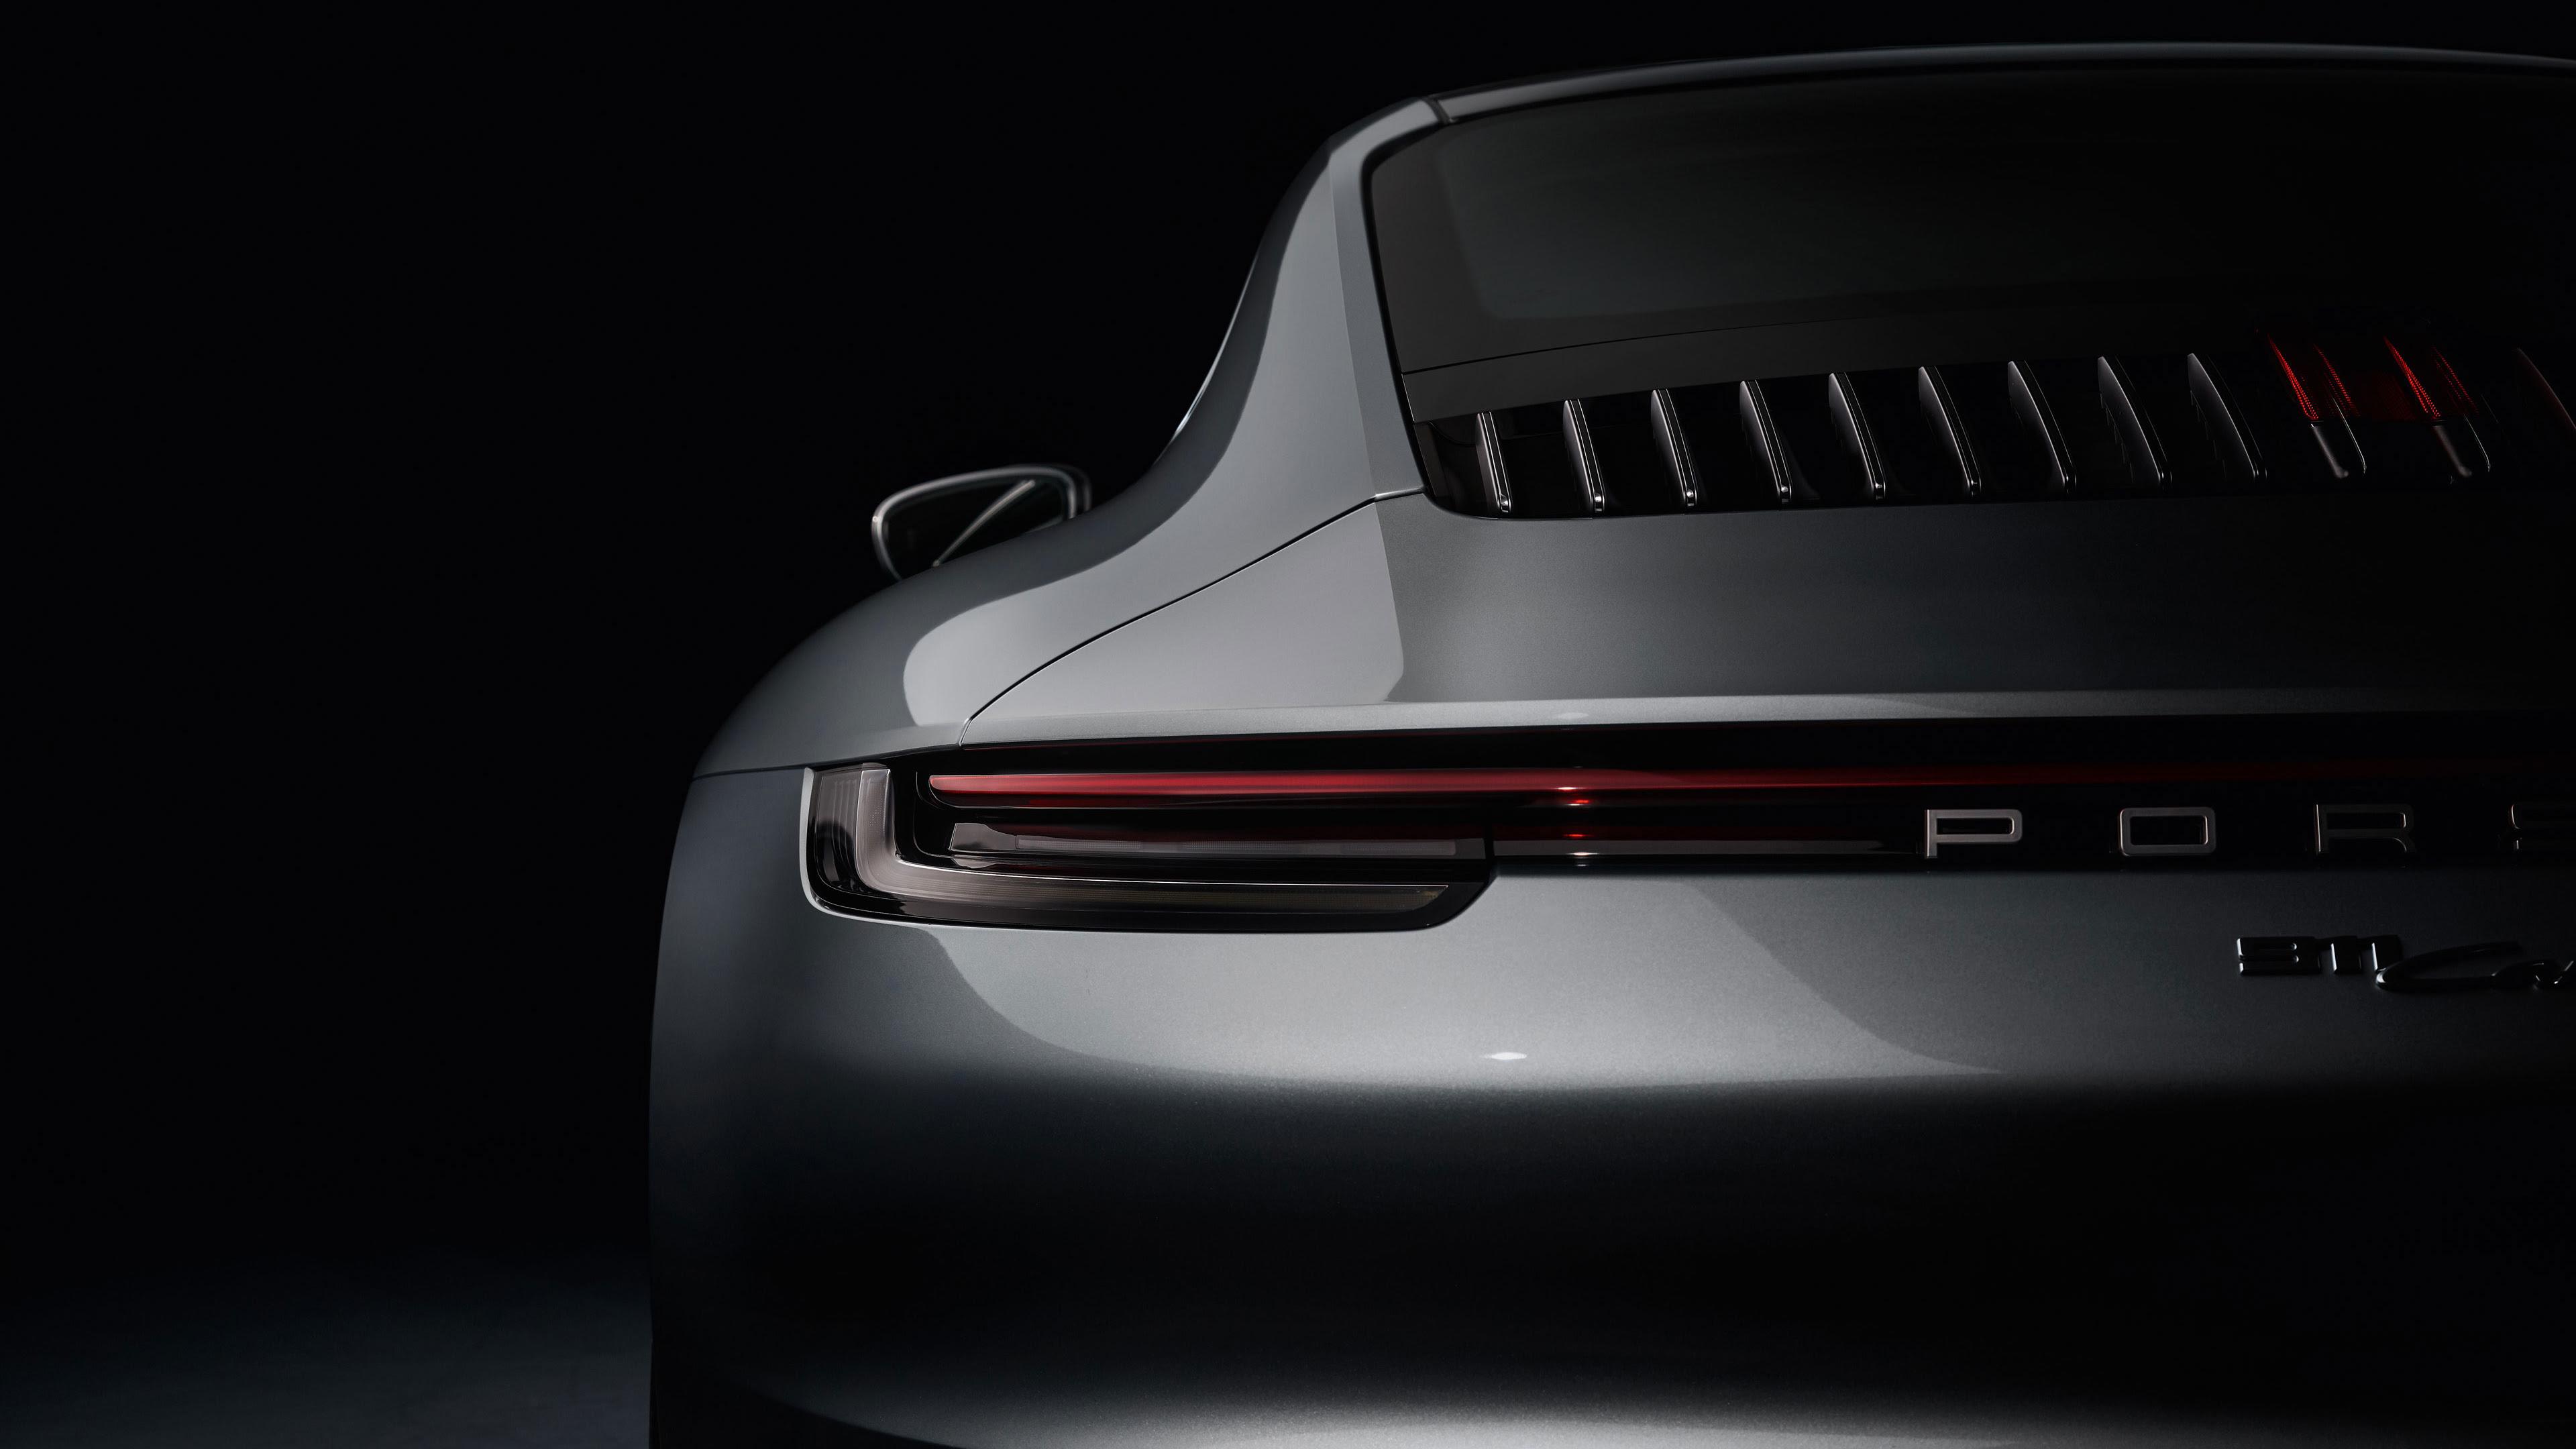 Porsche 911 Carrera S 2019 4k 4 Wallpaper Hd Car